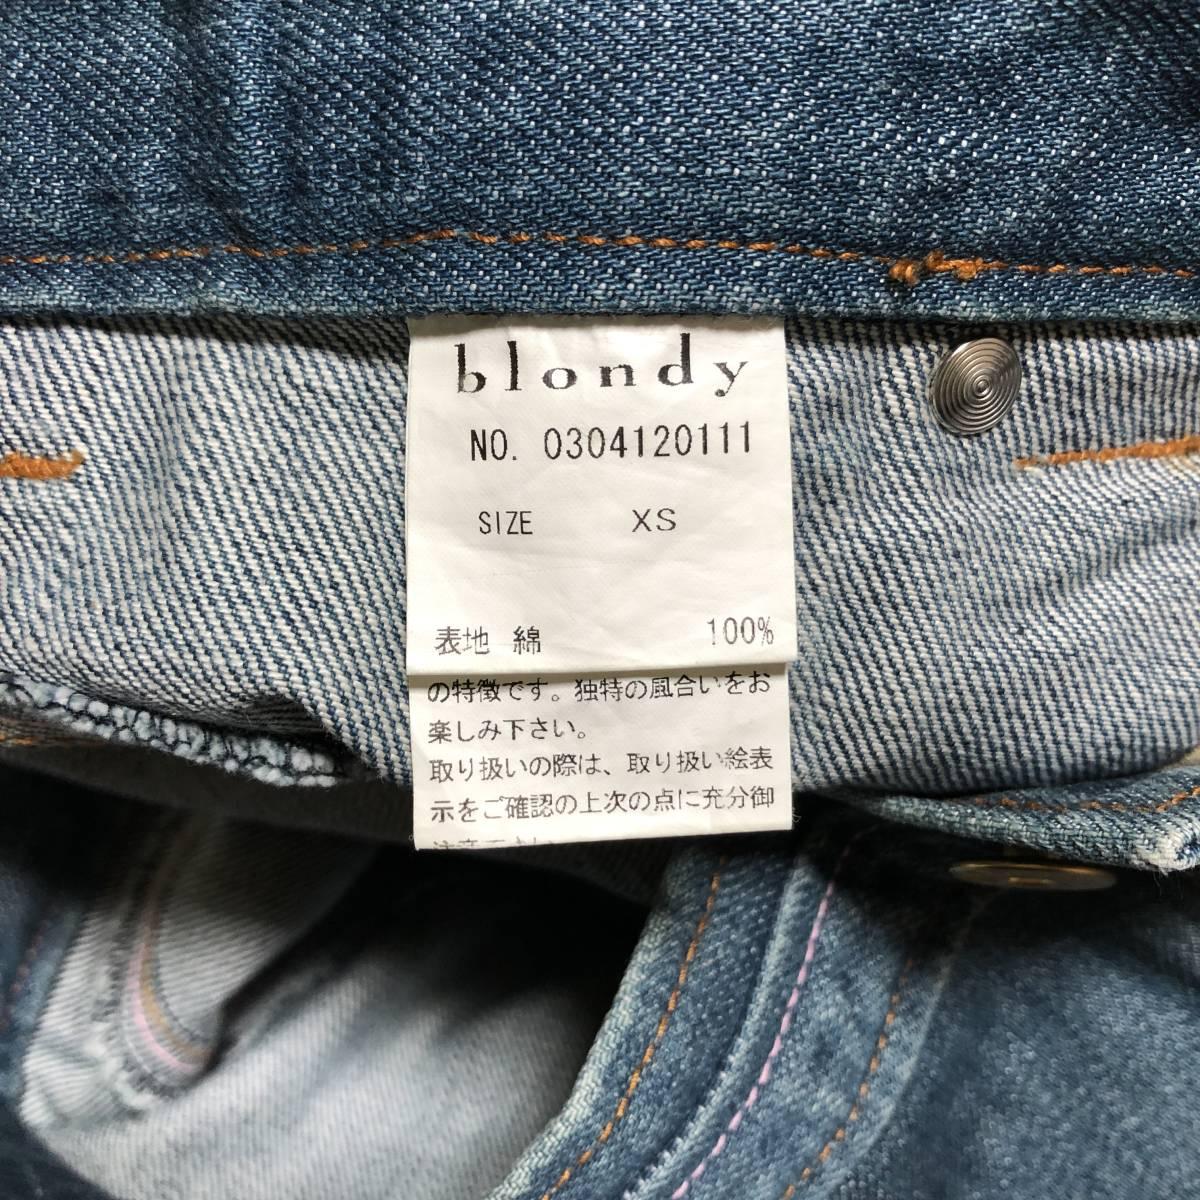 blondy ブロンディ Jacky USD加工 デニム ジーンズ XS 管理A470